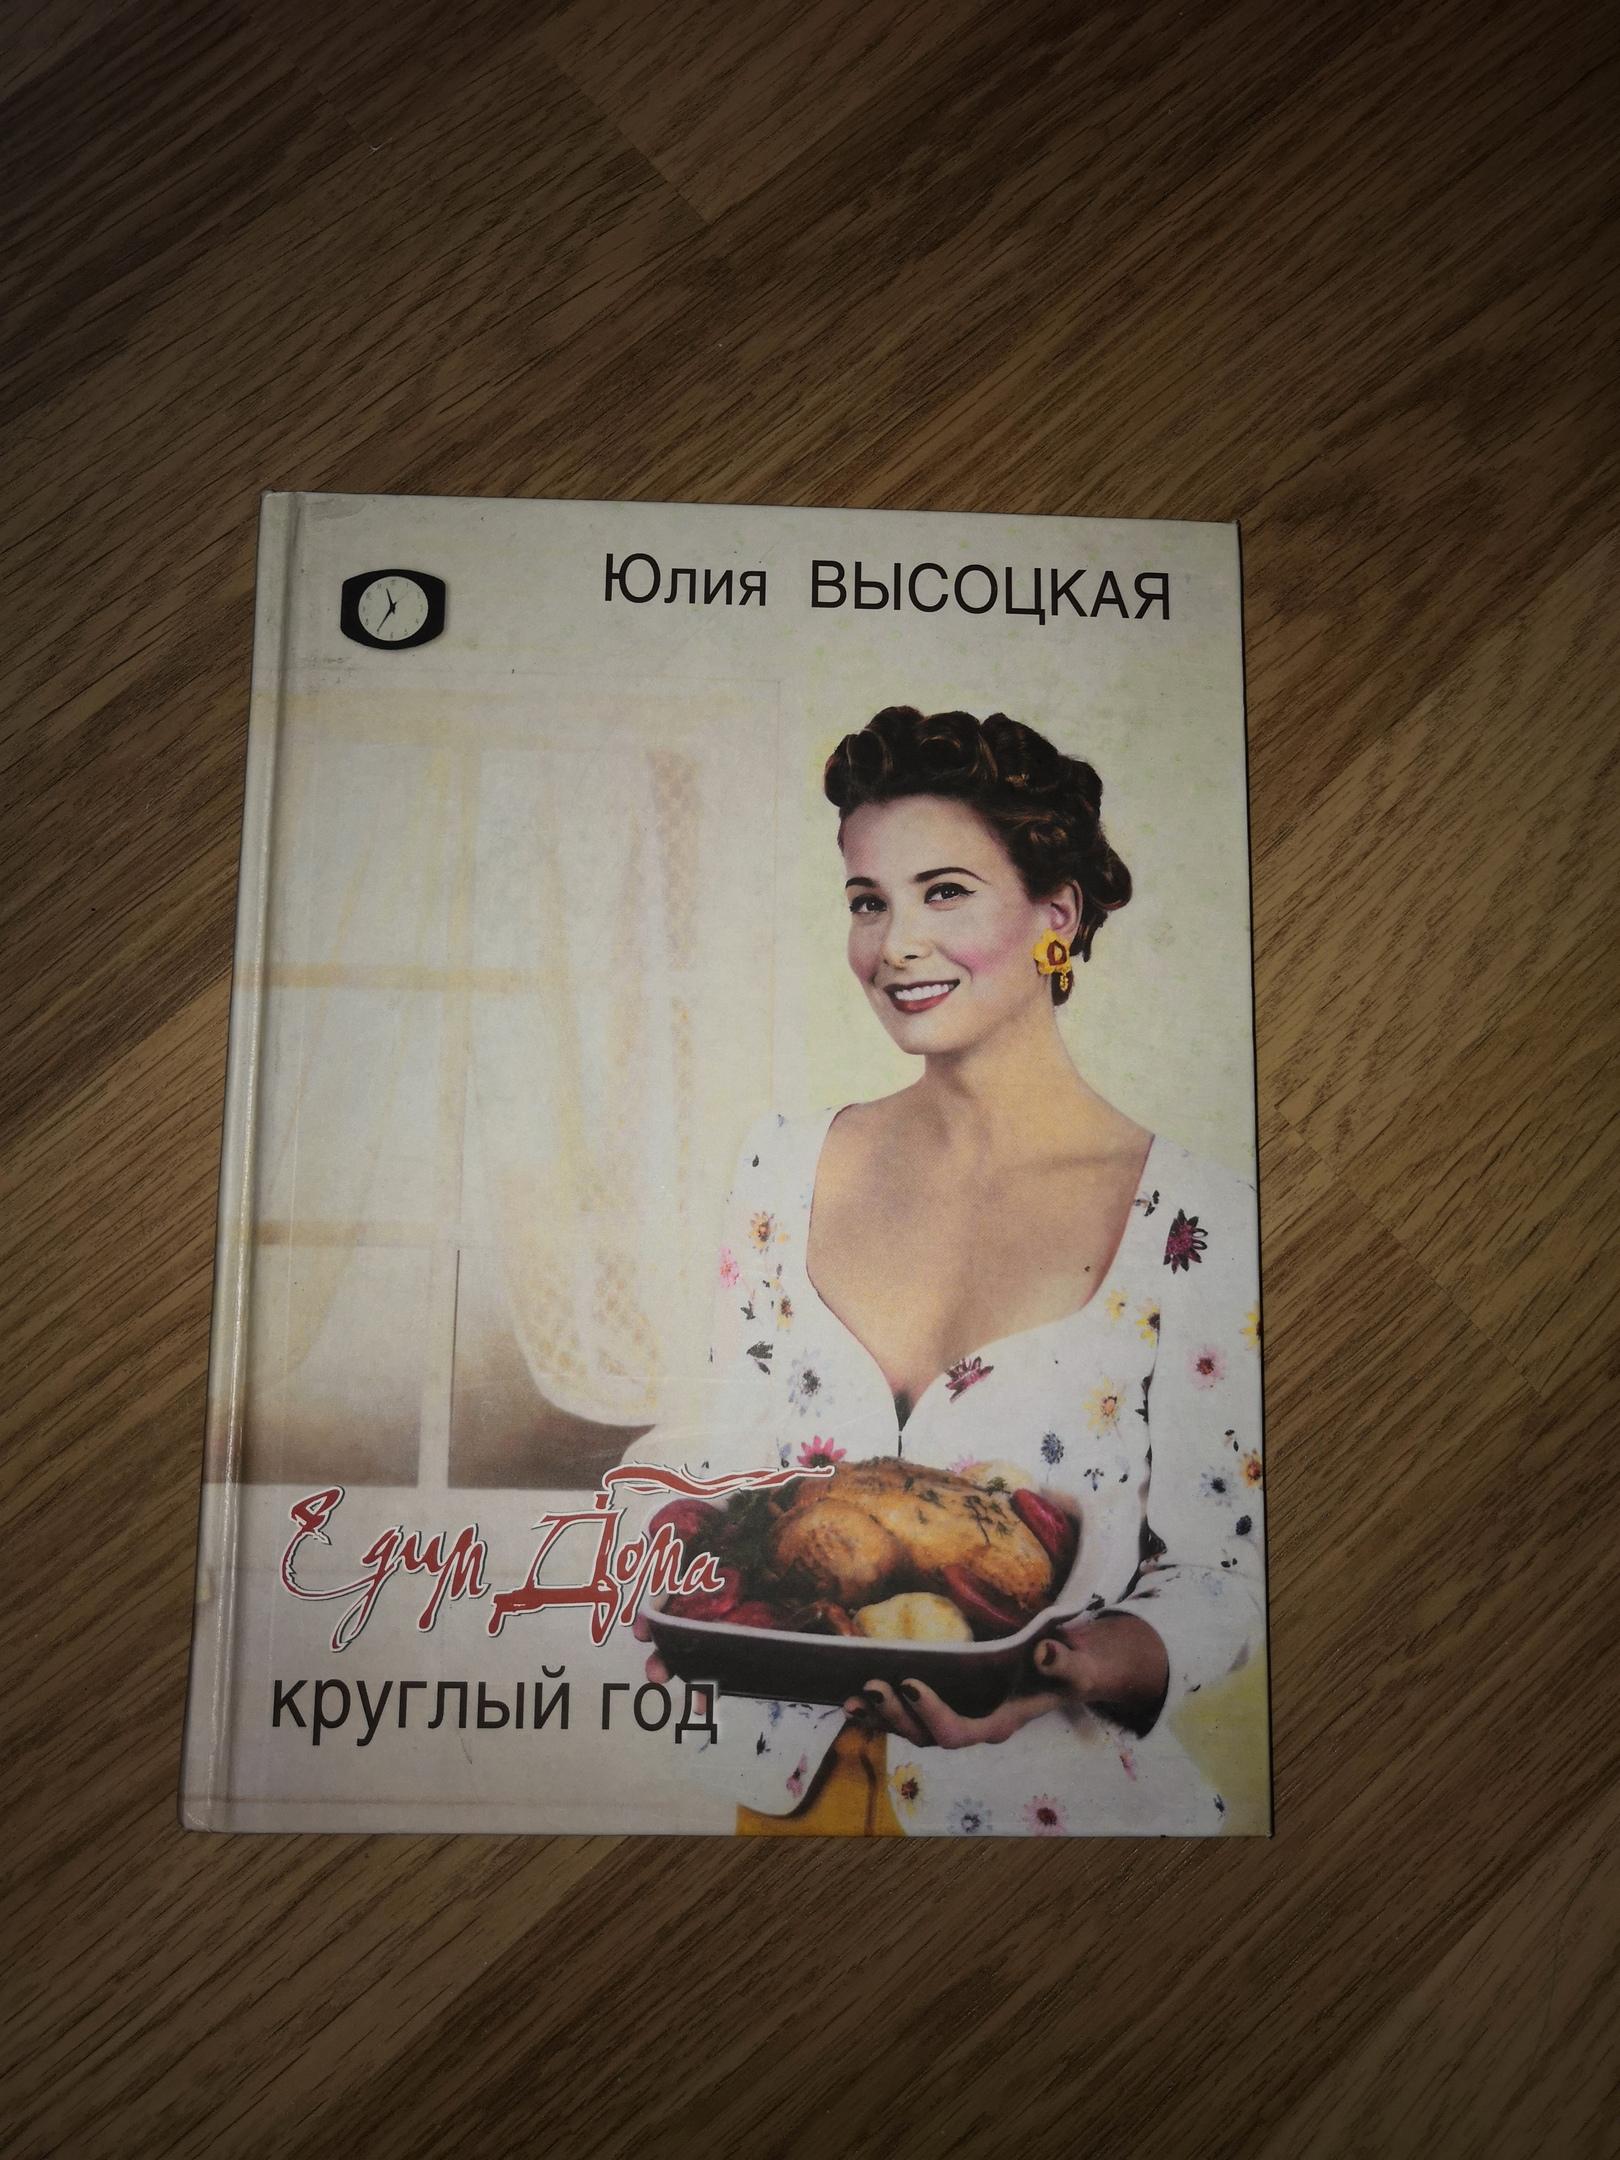 Каждая книга - 50 рублей